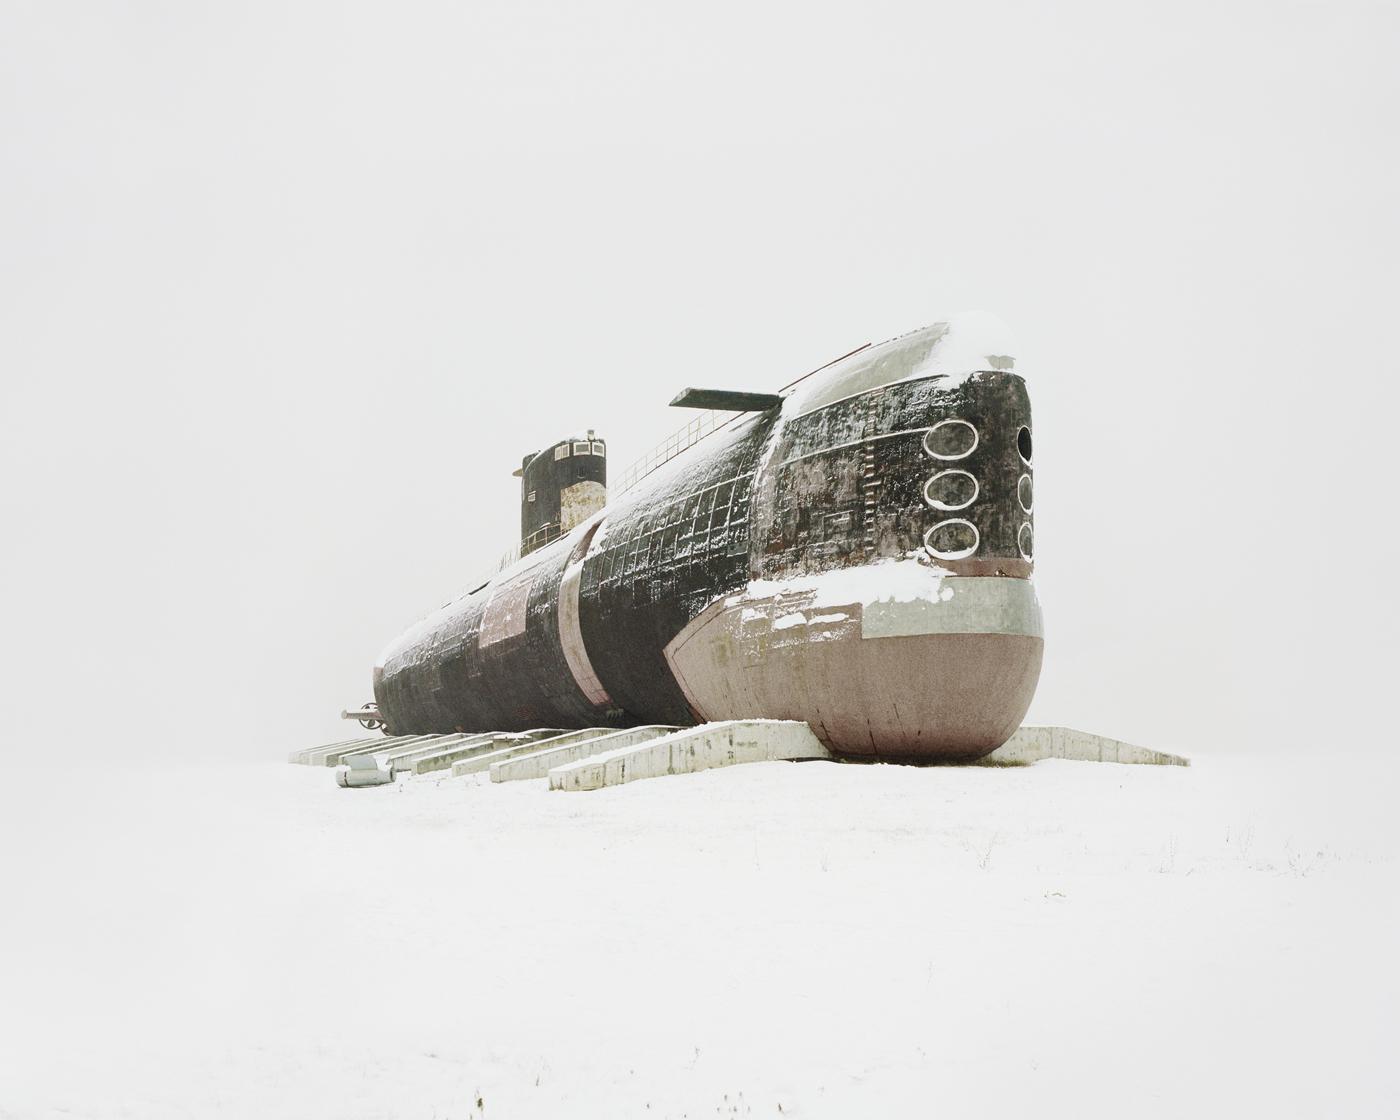 Submarino en la nieve